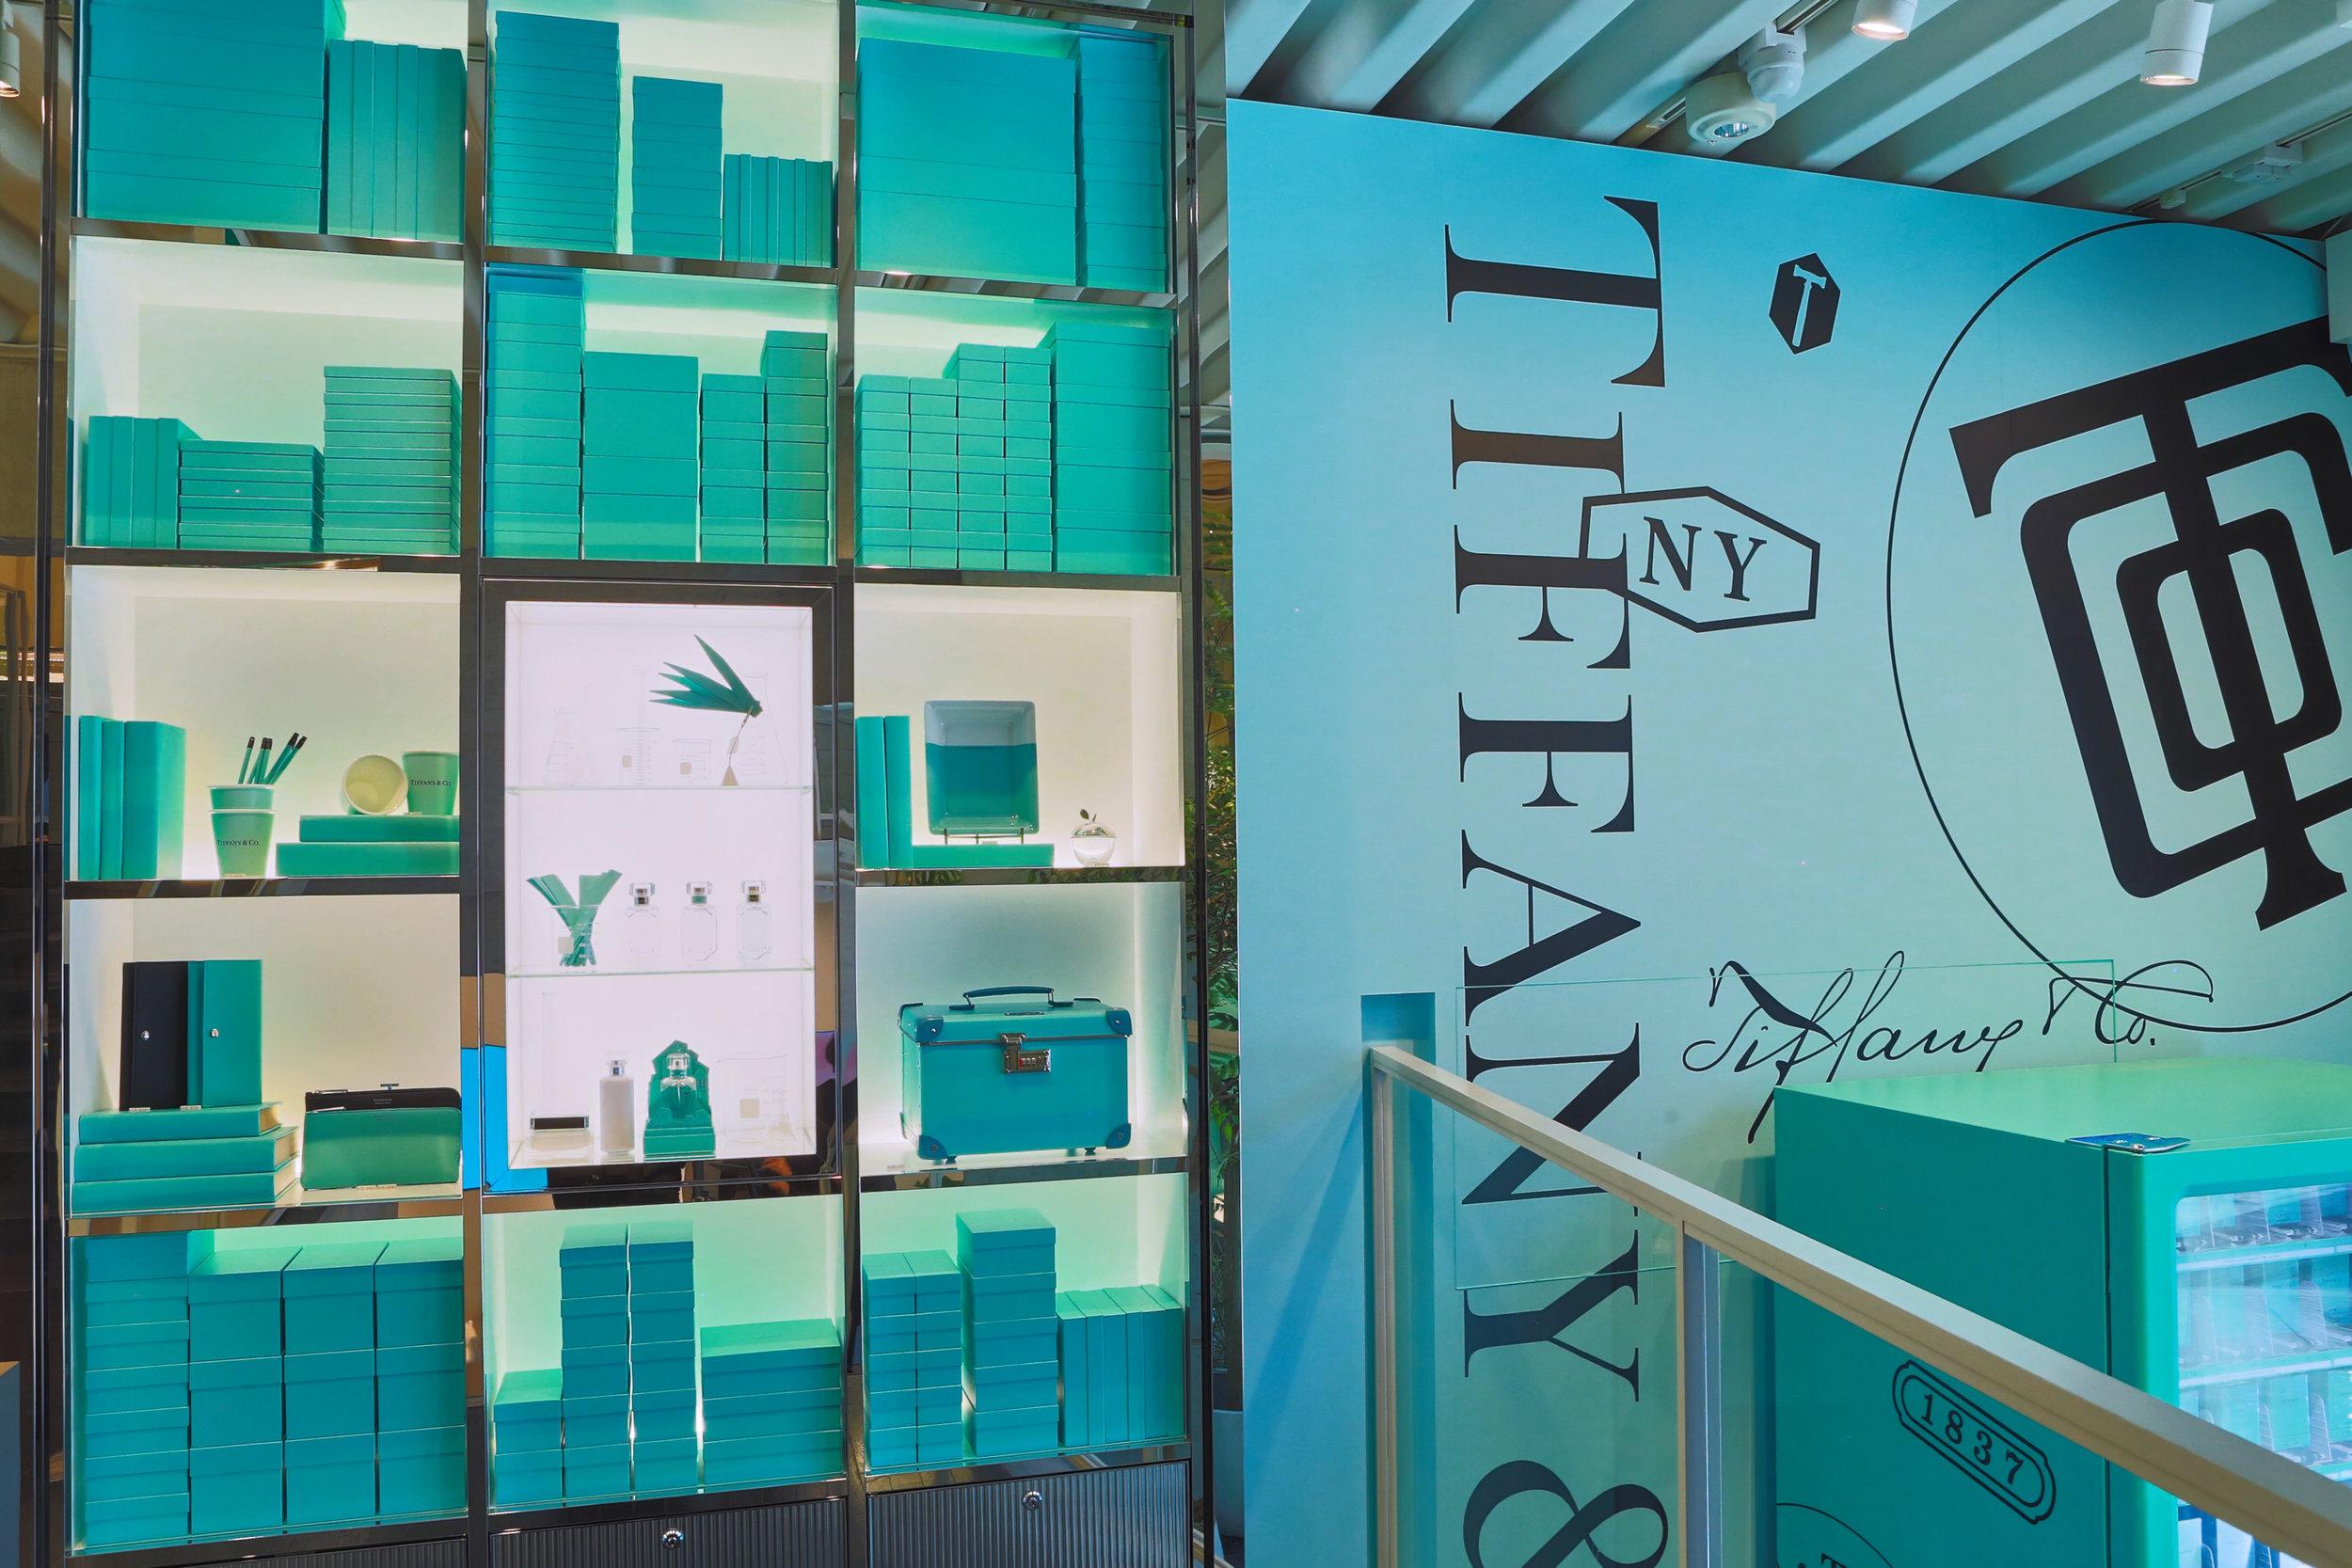 3Tiffany @ Cat Street Interior.jpg